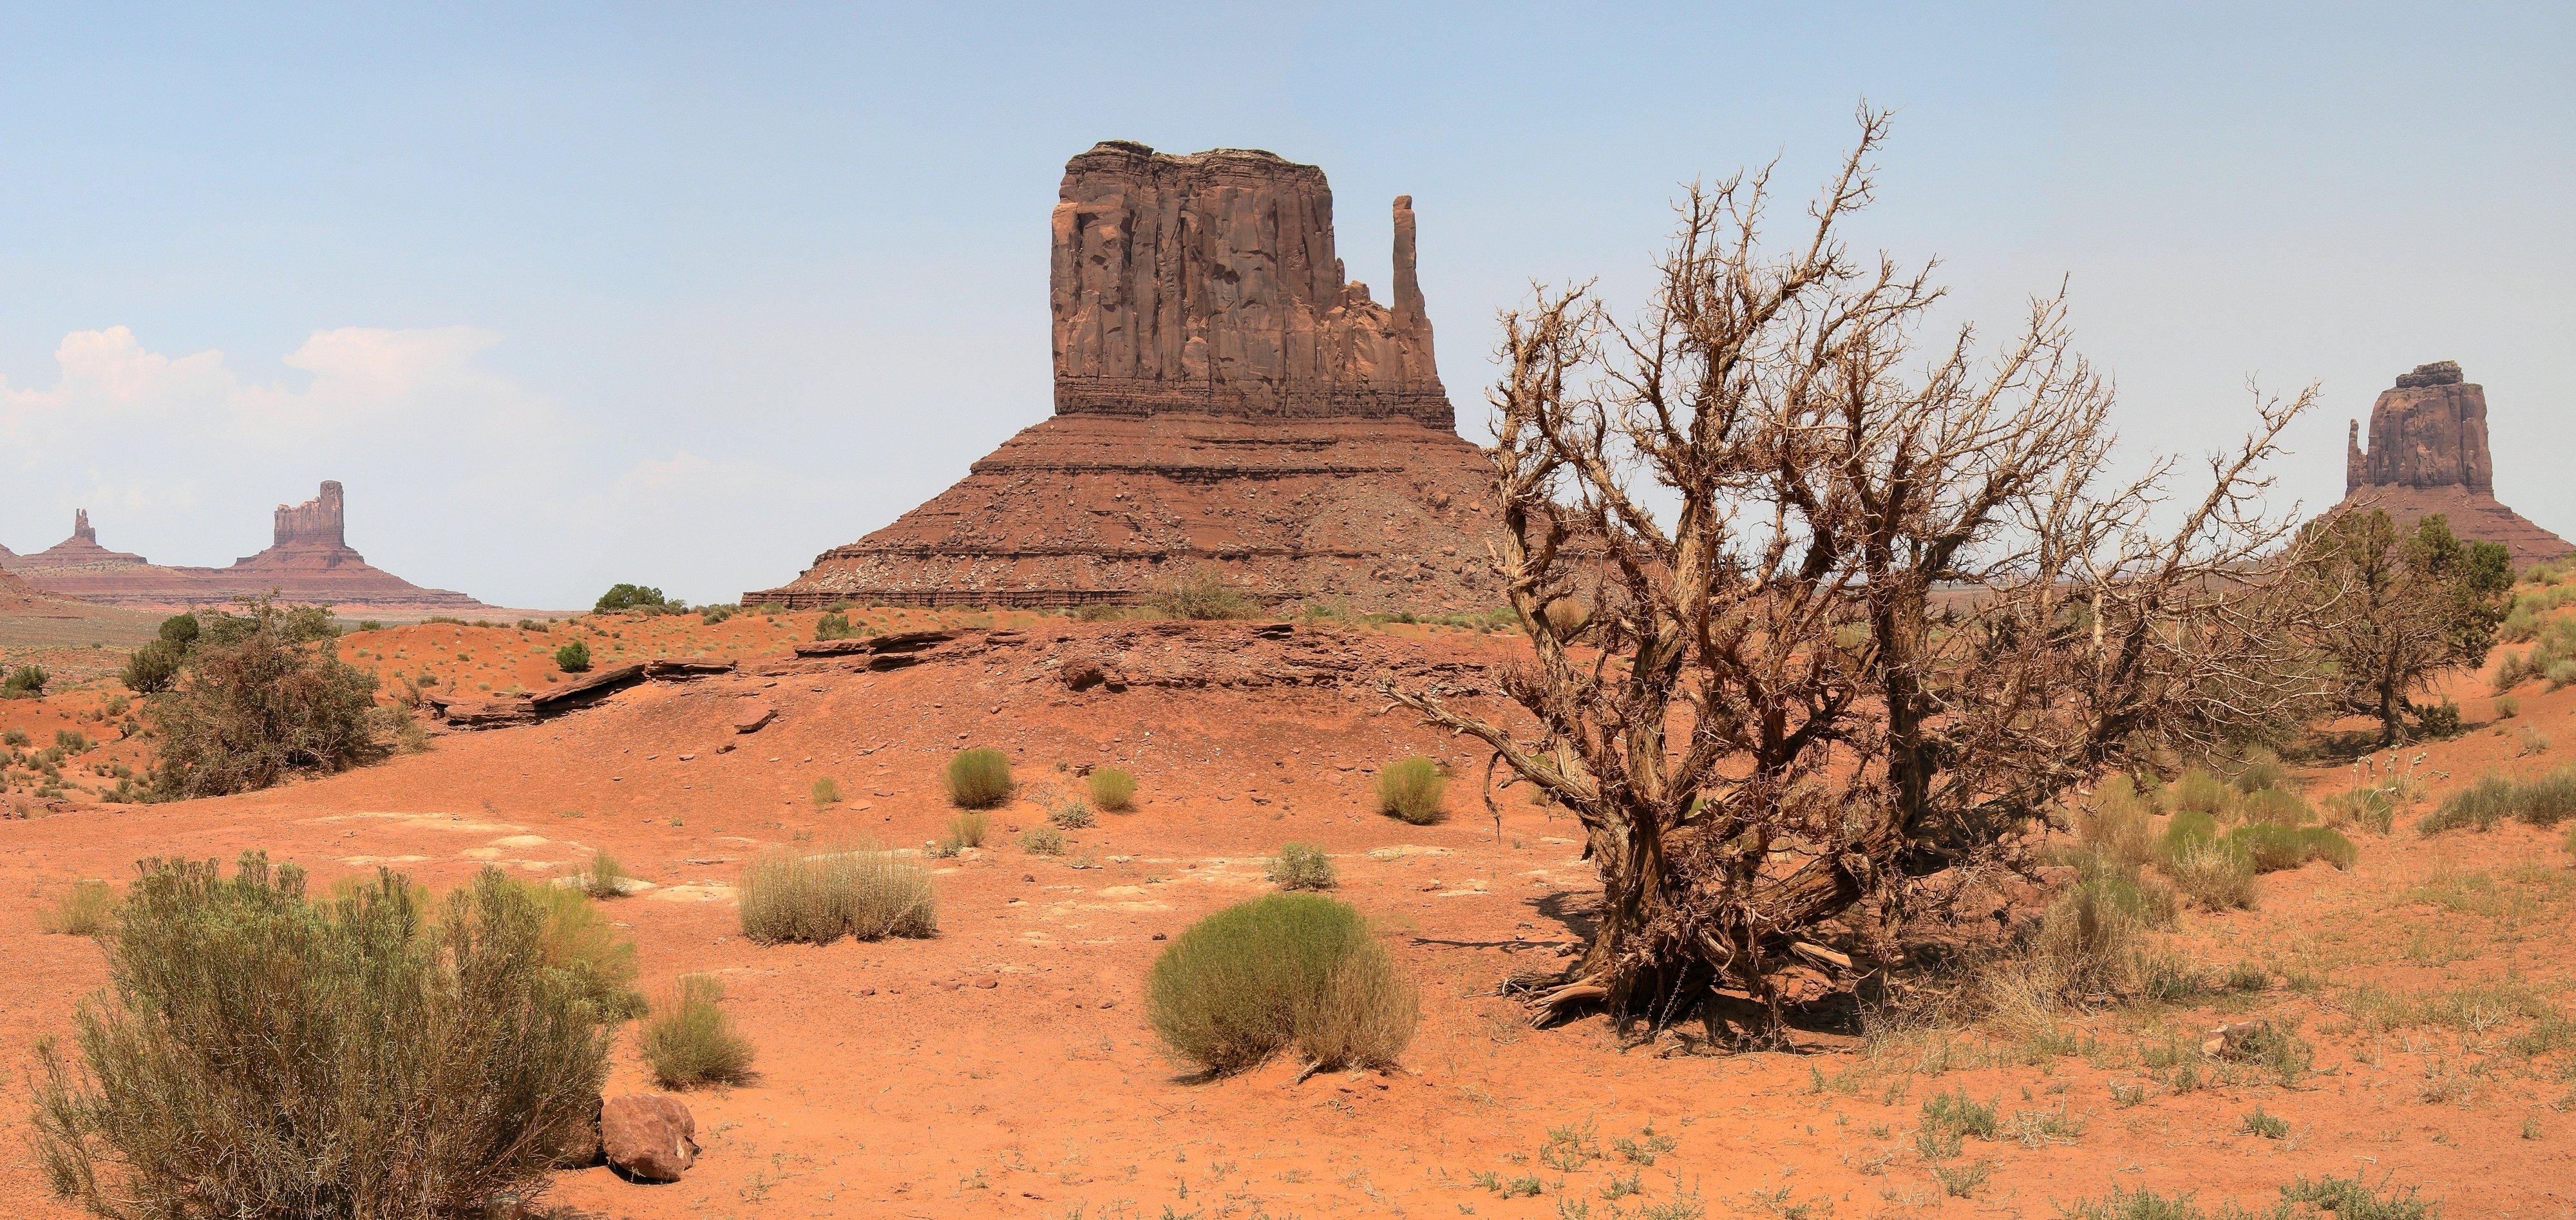 пустыня скалы растительность загрузить